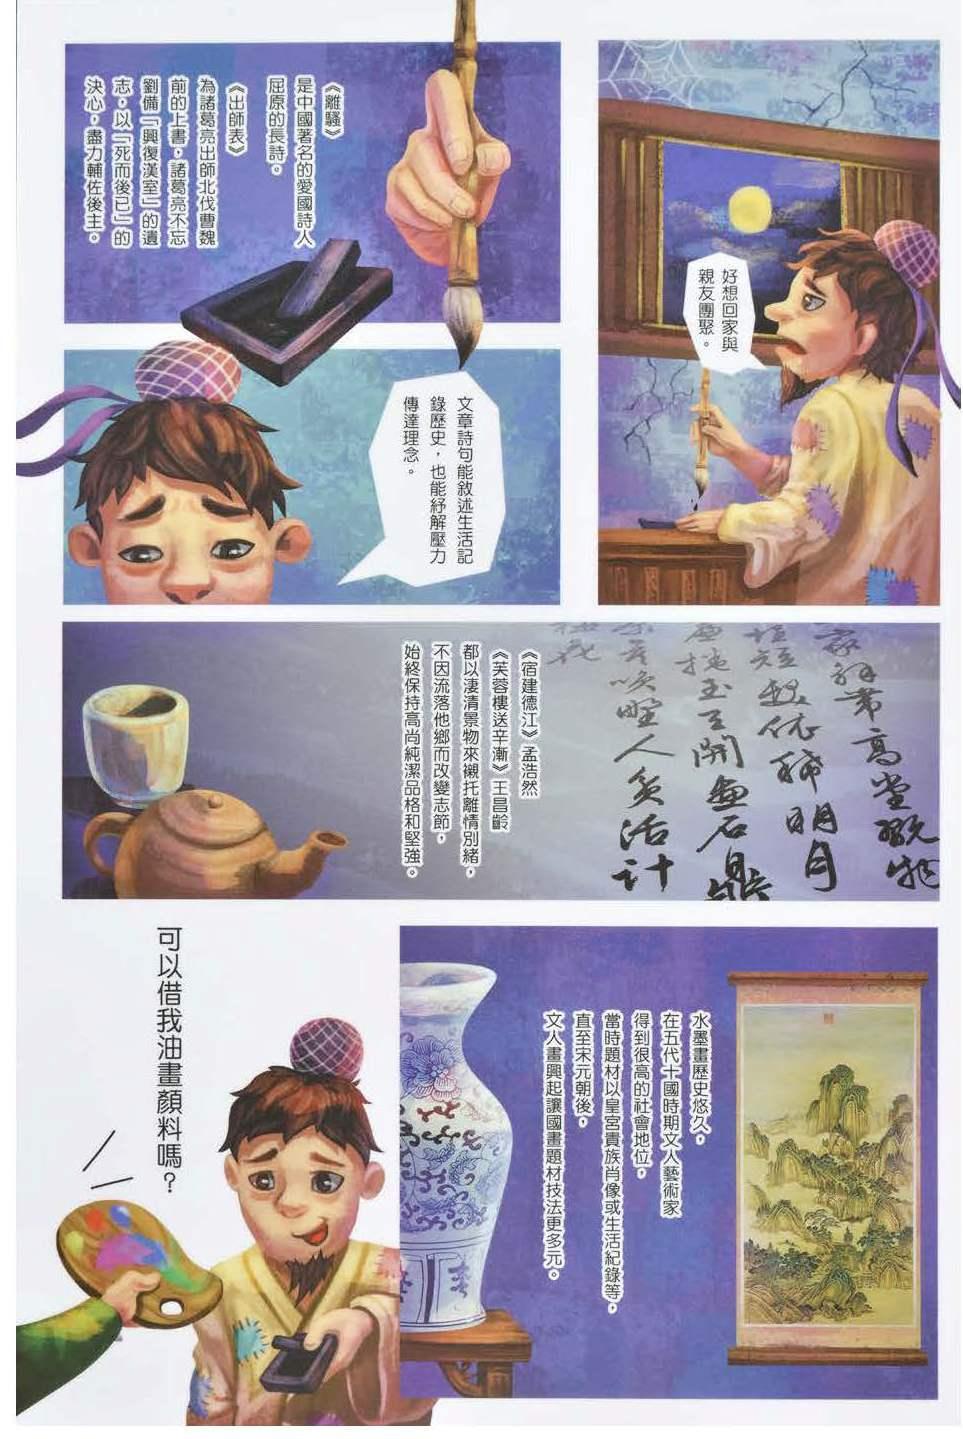 50屆漫畫類優選_戰藝相傳4_陳彥鈞.jpg